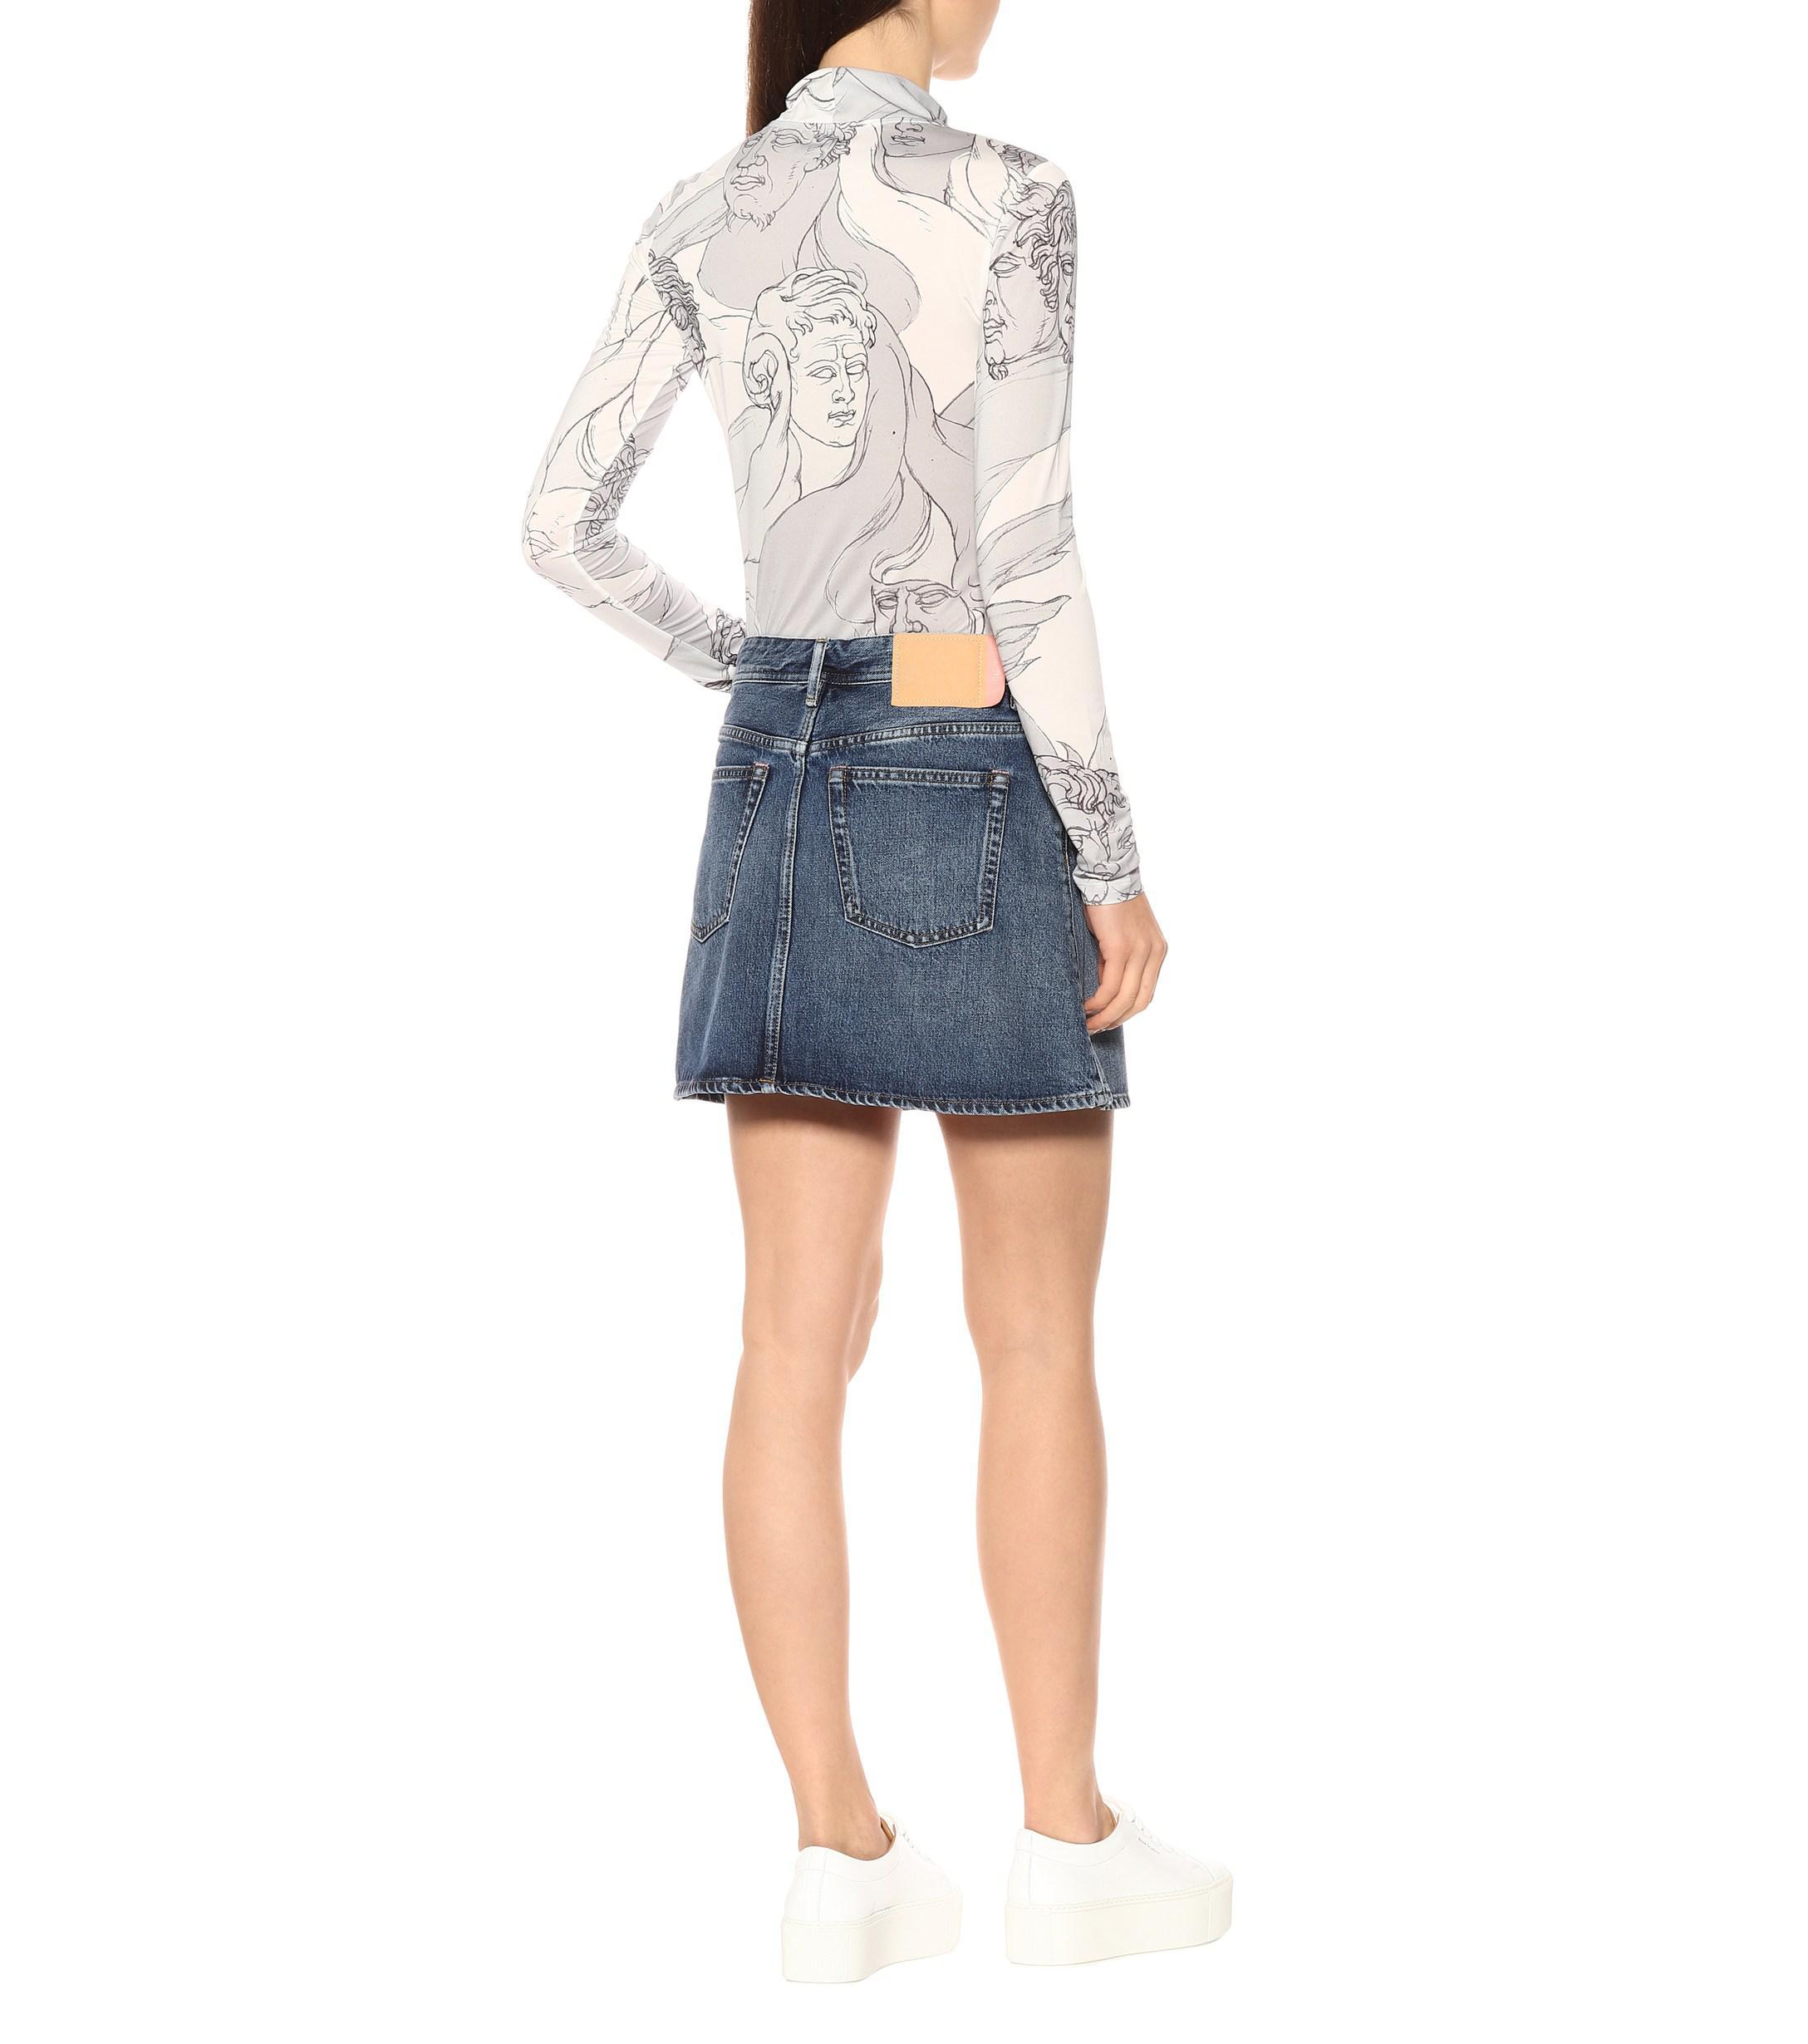 bd6e77ec18 Lyst - Acne Studios Blå Konst Caitlyn Denim Miniskirt in Blue